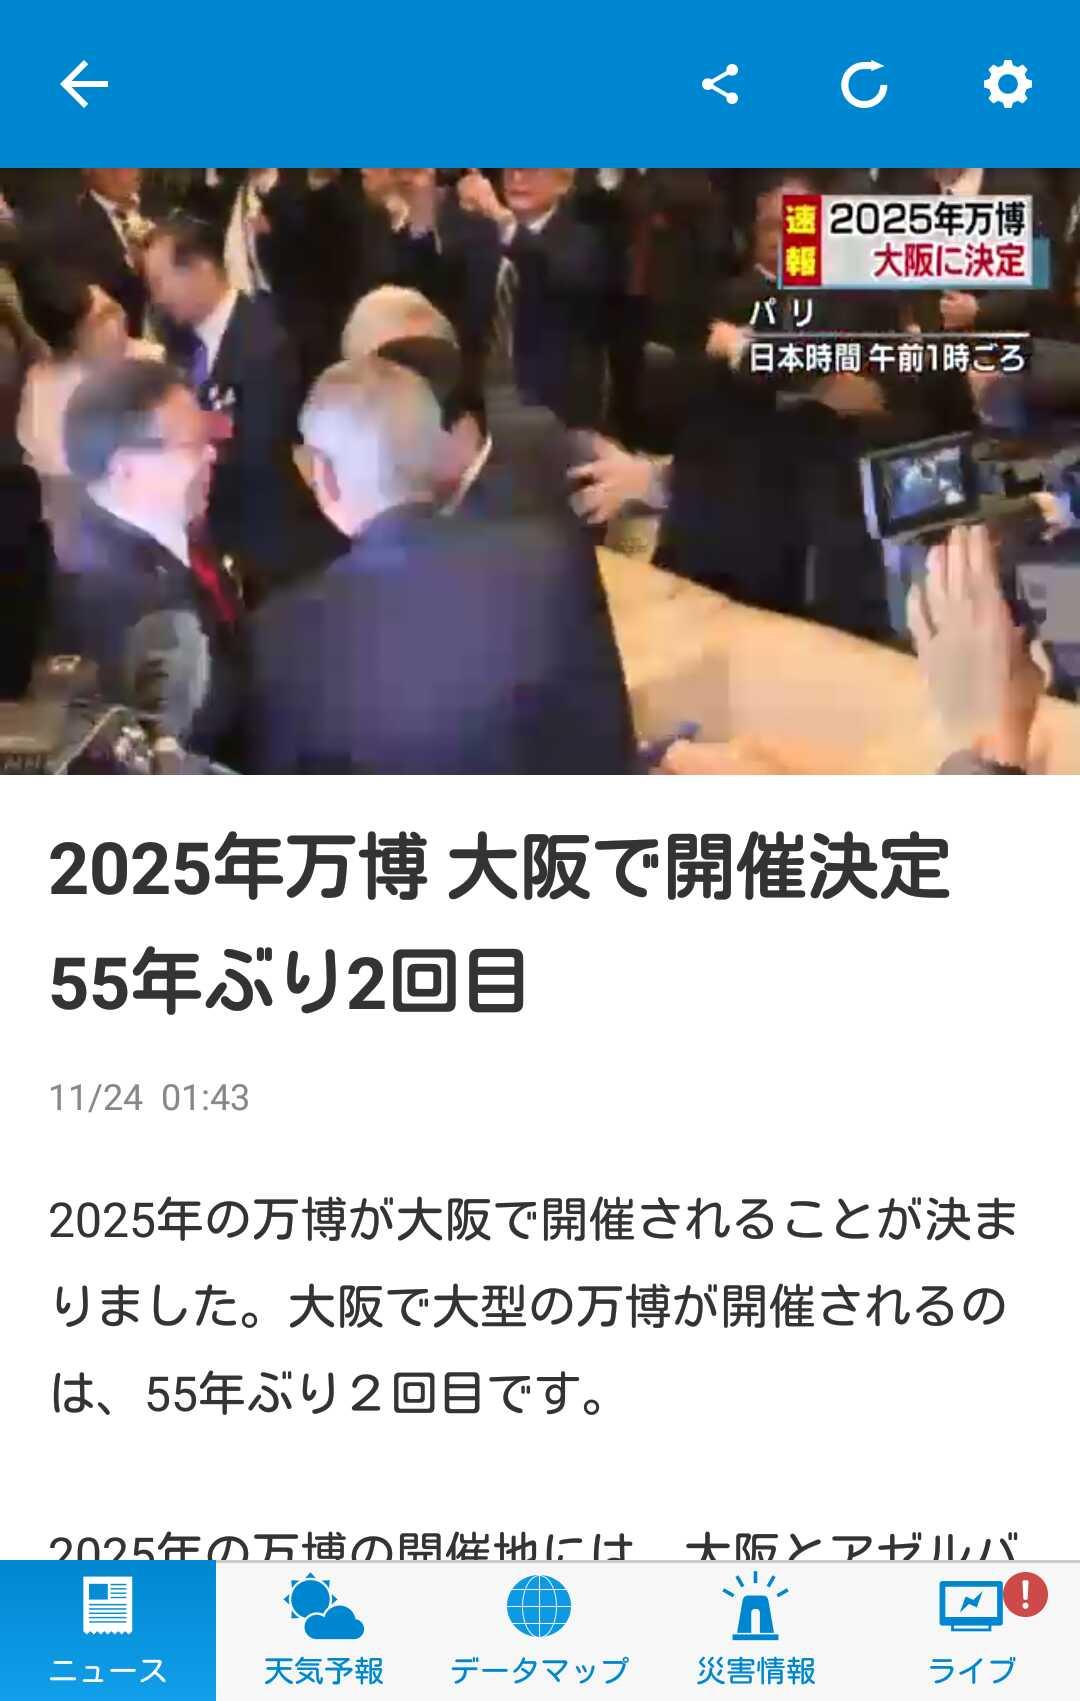 181124 万博会場が大阪に決定